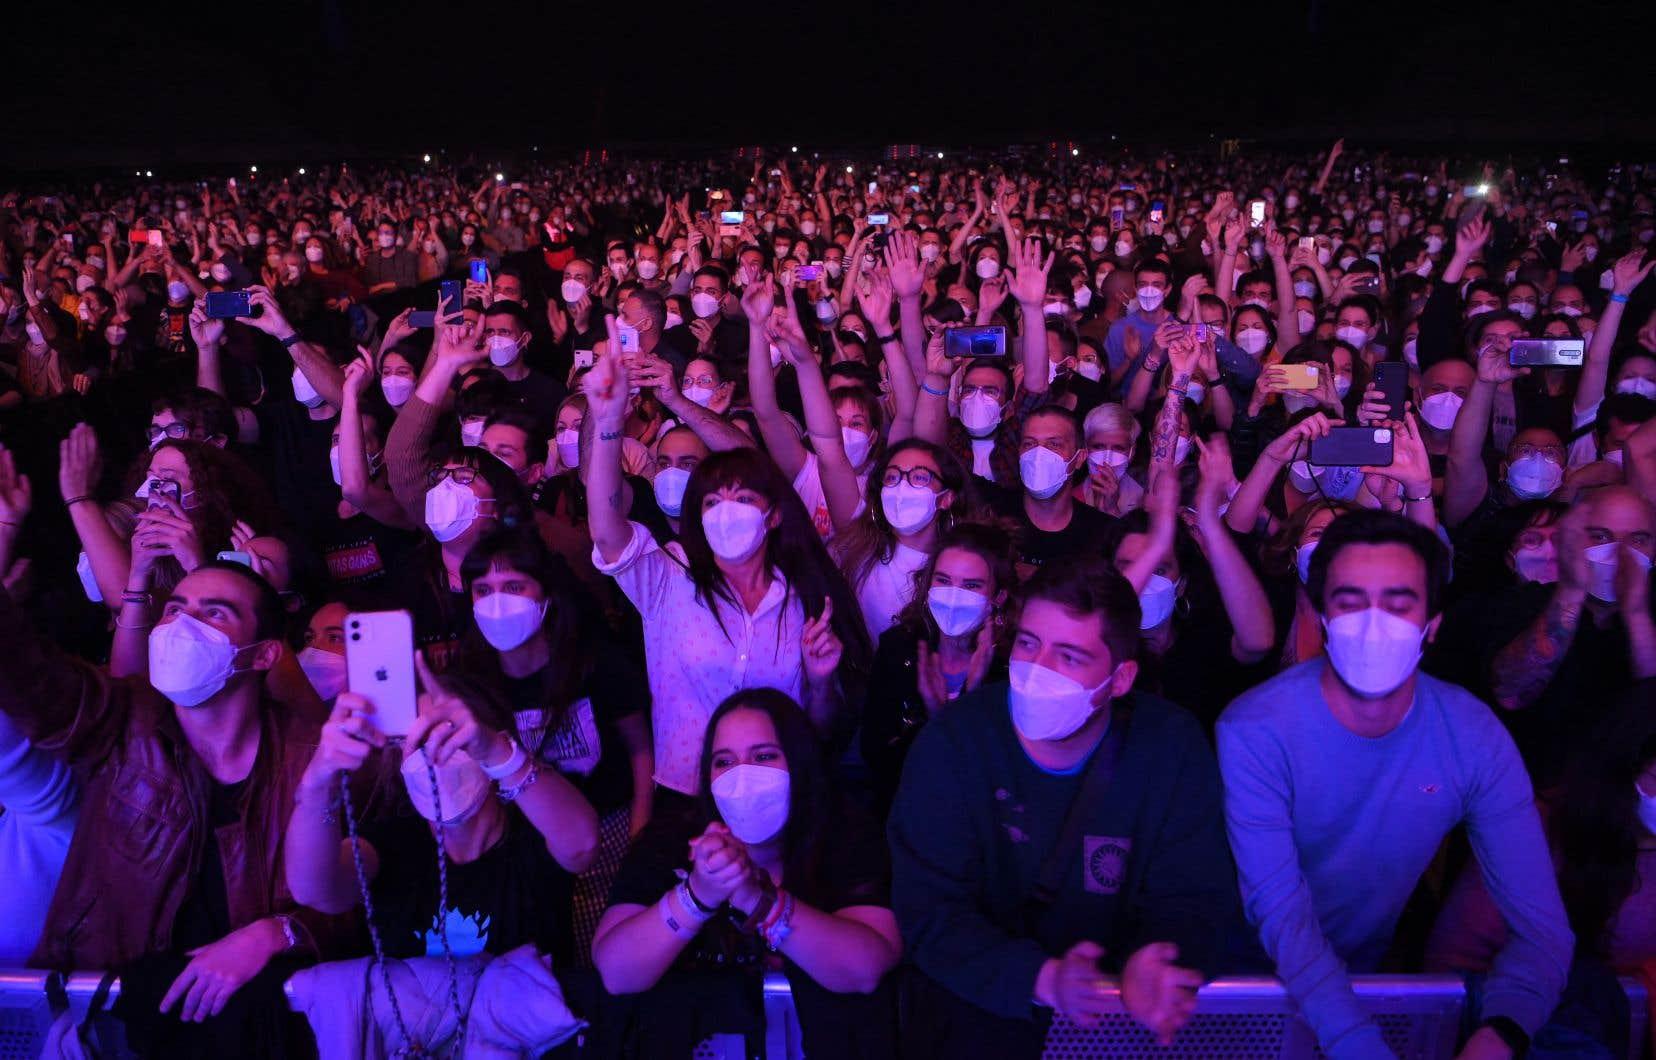 Deux semaines après le concert-test du 27 mars, «il n'y a aucun signe qui suggère qu'une transmission [du coronavirus] a eu lieu pendant l'évènement, ce qui était l'objectif de cette étude», selon les organisateurs.